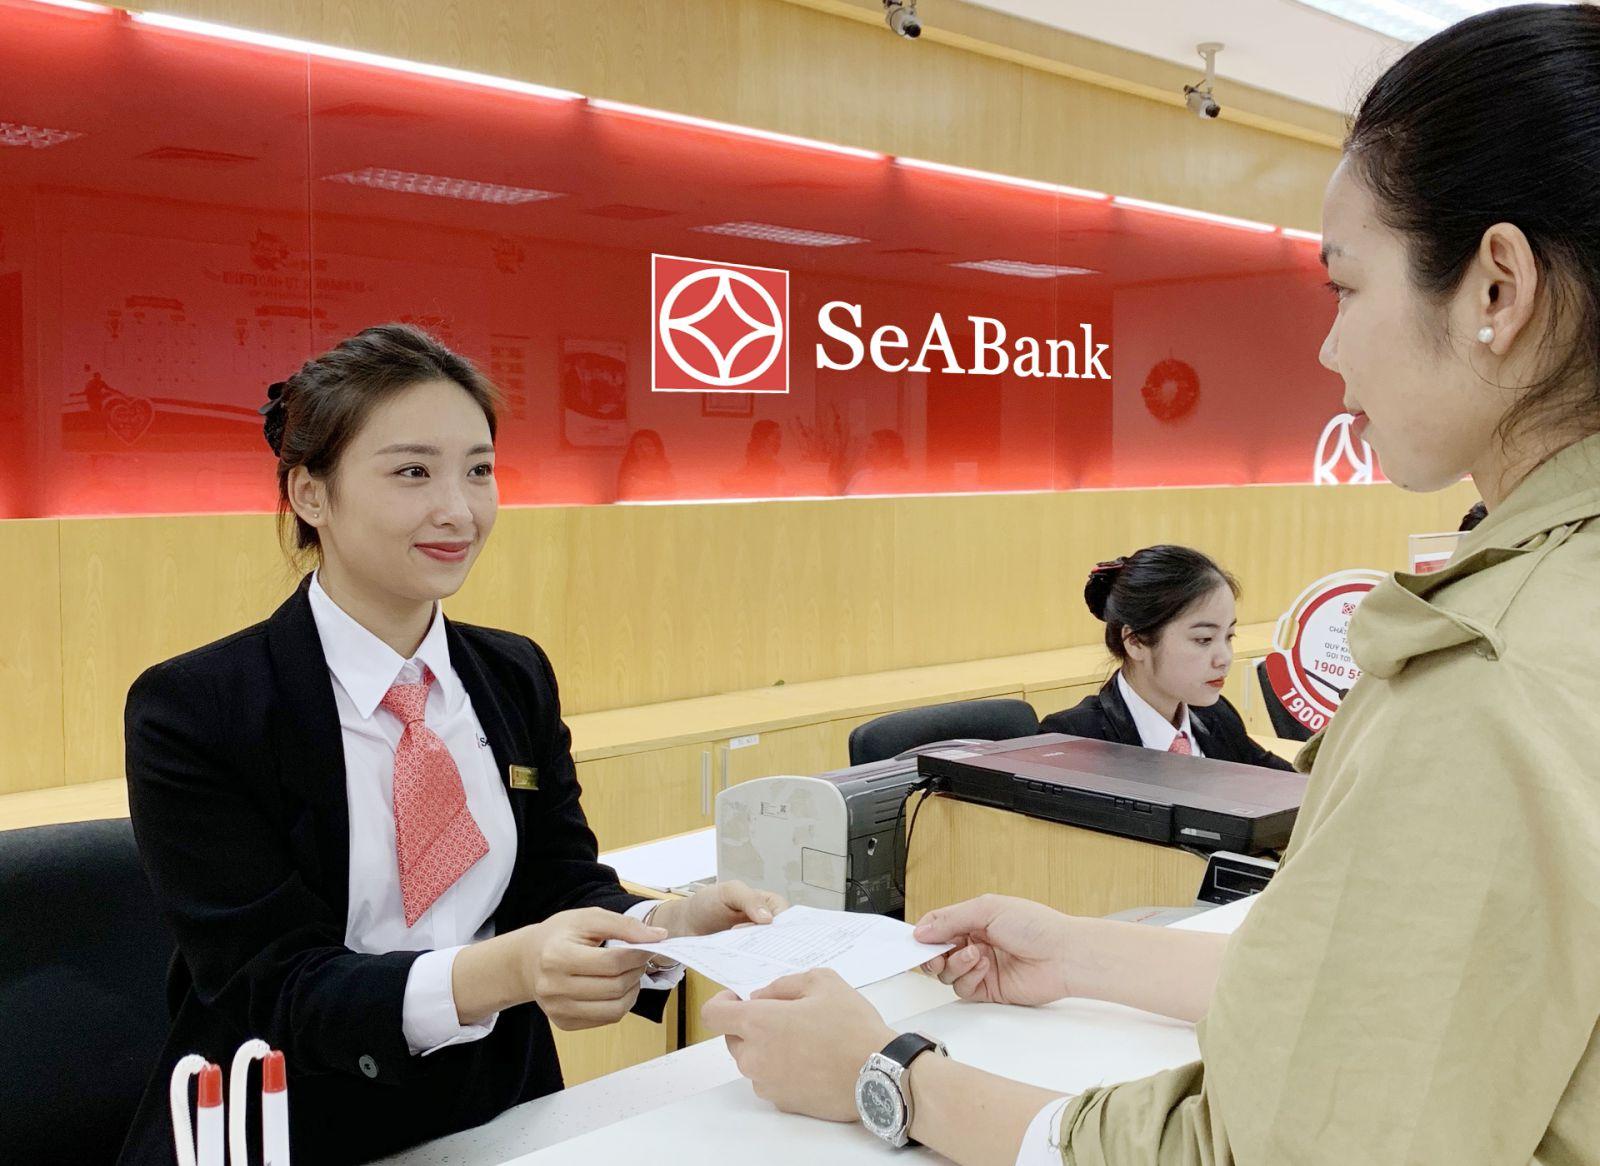 SeABank lãi quý I cao gấp 2,2 lần cùng kỳ, tỷ lệ nợ xấu giảm xuống 1,8% - Ảnh 1.